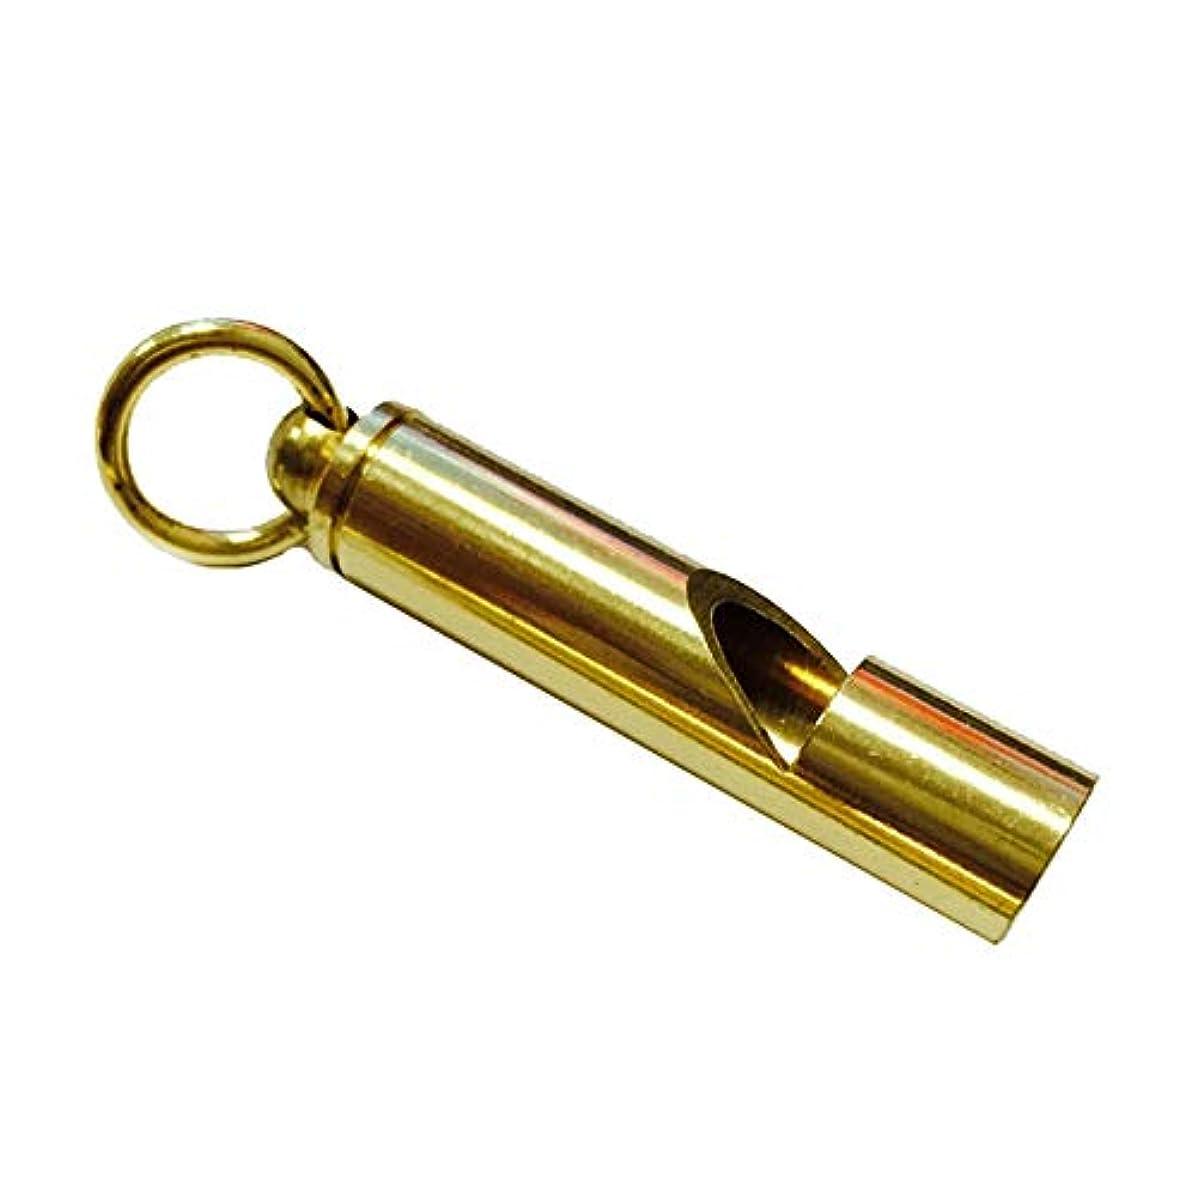 動公平幅Onior 1ピースヴィンテージ真鍮笛サバイバルホイッスル付きキーチェーンペンダント用スイミングスポーツ屋外サバイバル緊急トレーニング(ゴールデン)